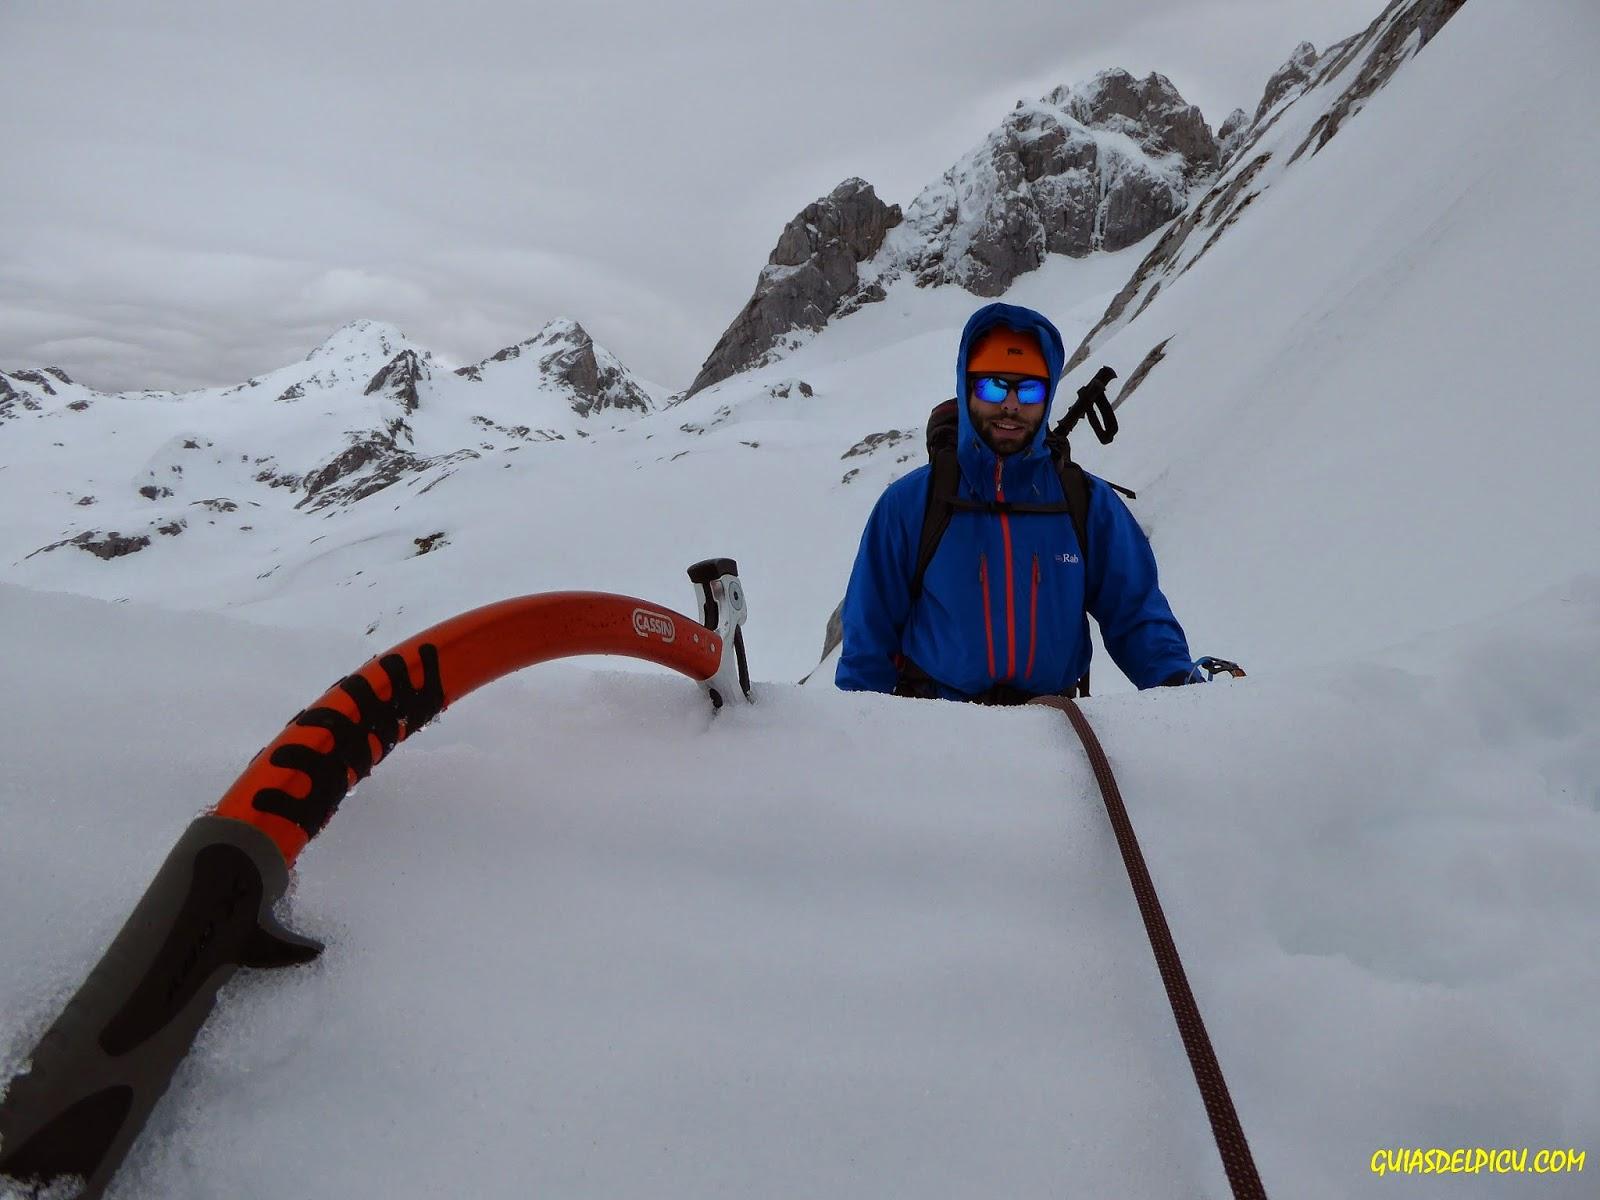 cassin x all mountain , fernando calvo guia de alta montaña uiagm